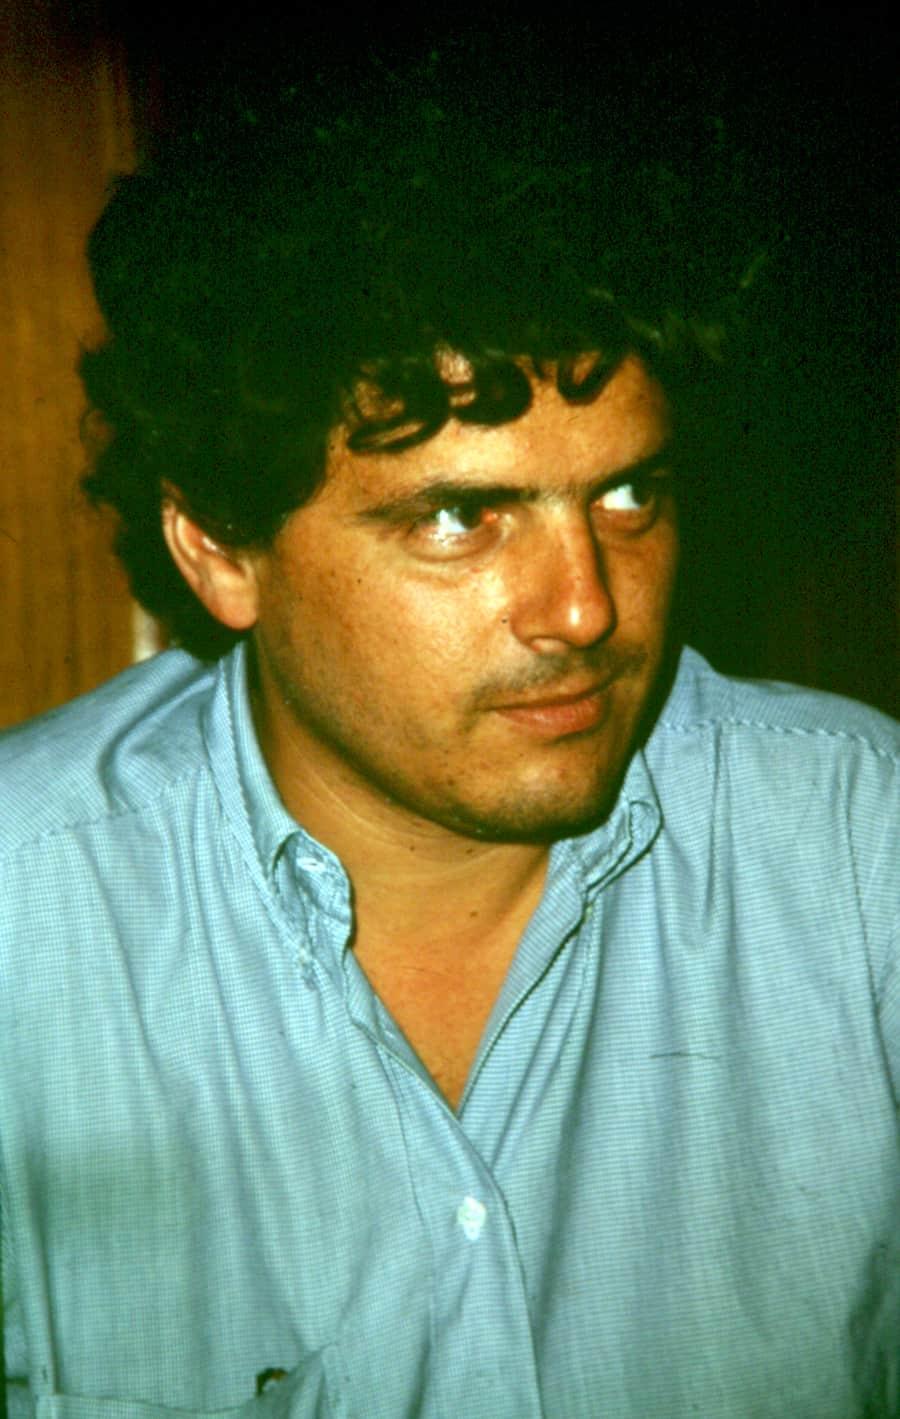 Salvo Cuccia, 1994. Rassegna internazionale video d'autore. Taormina.